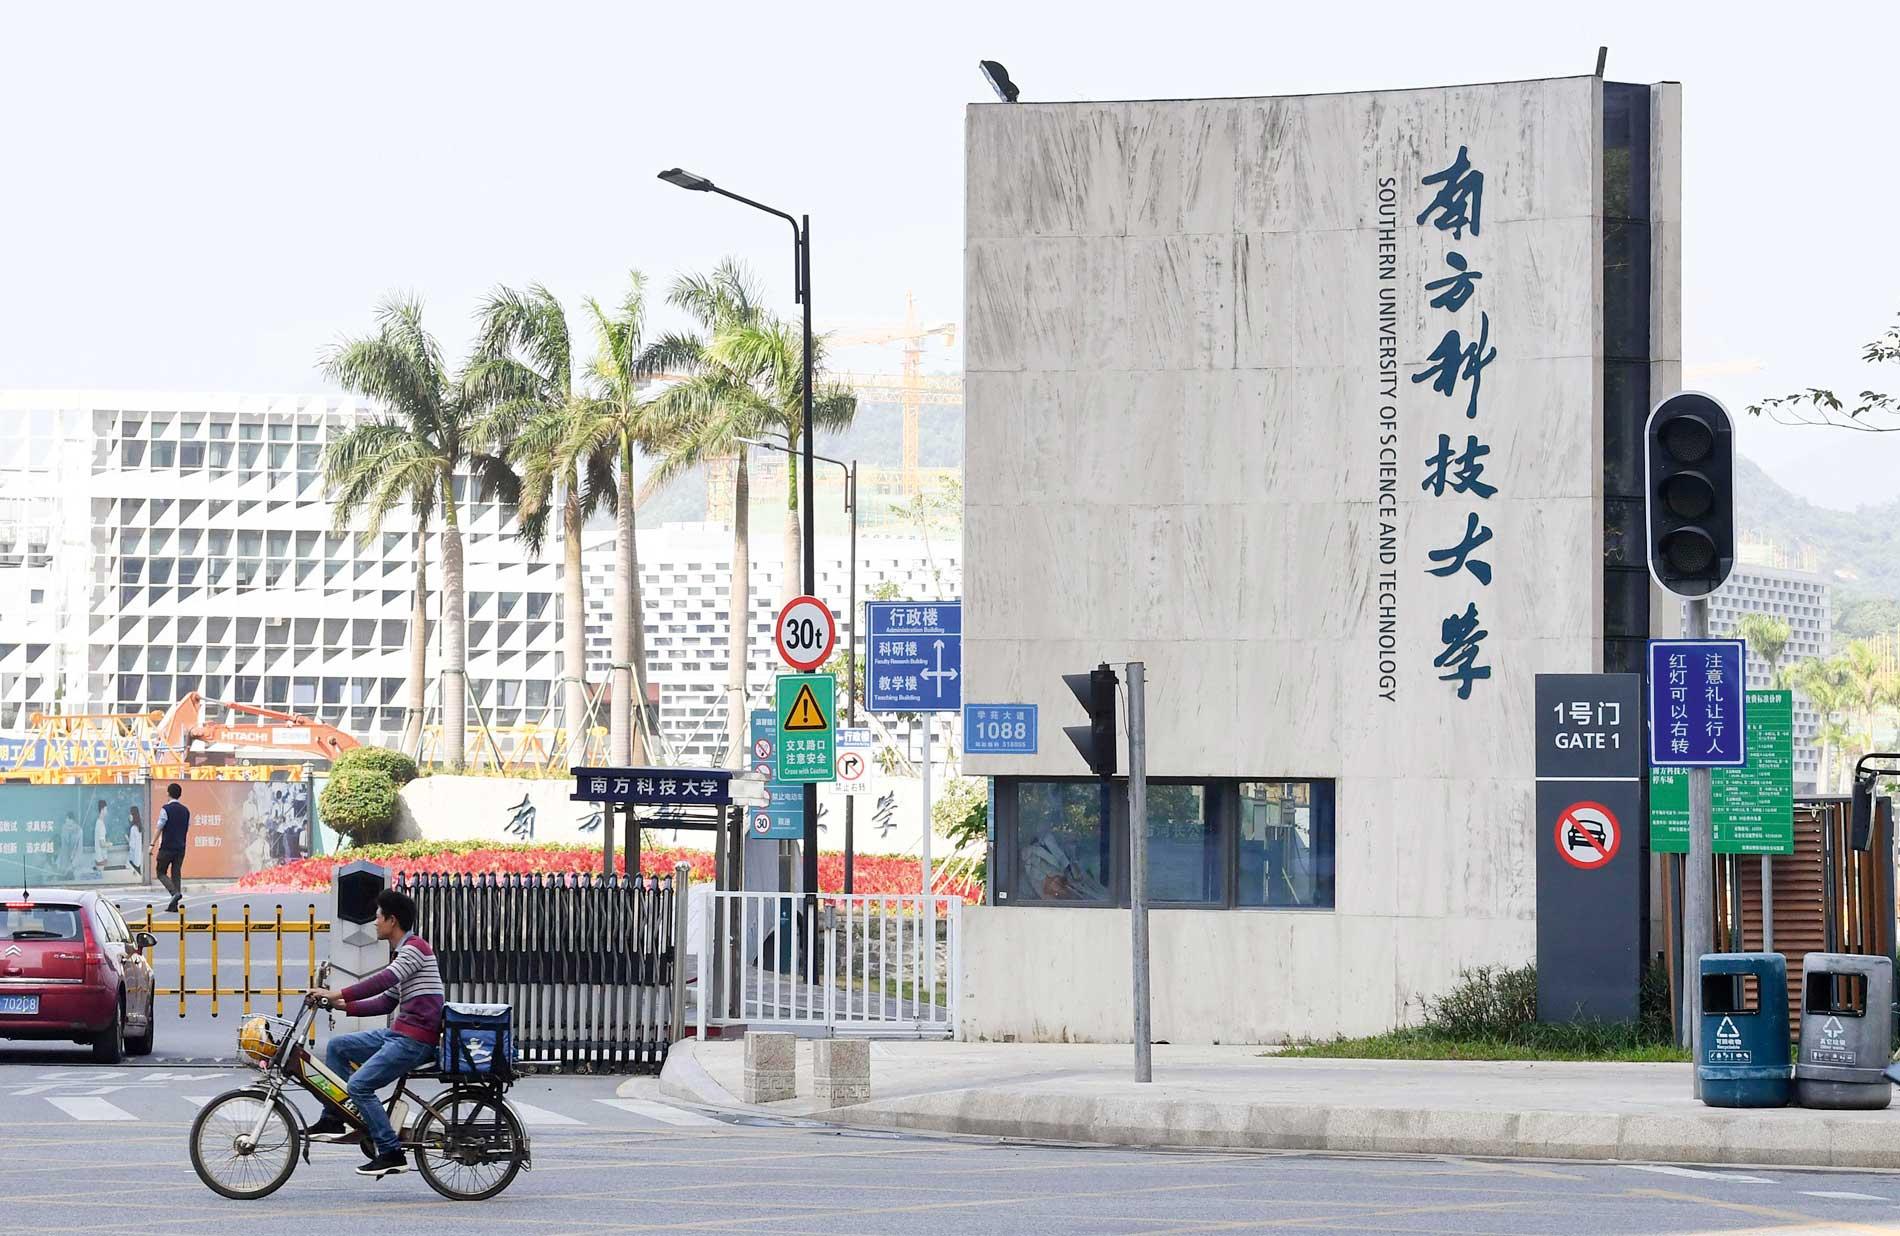 Южный университет науки итехники вШэньчжэне, Китай.